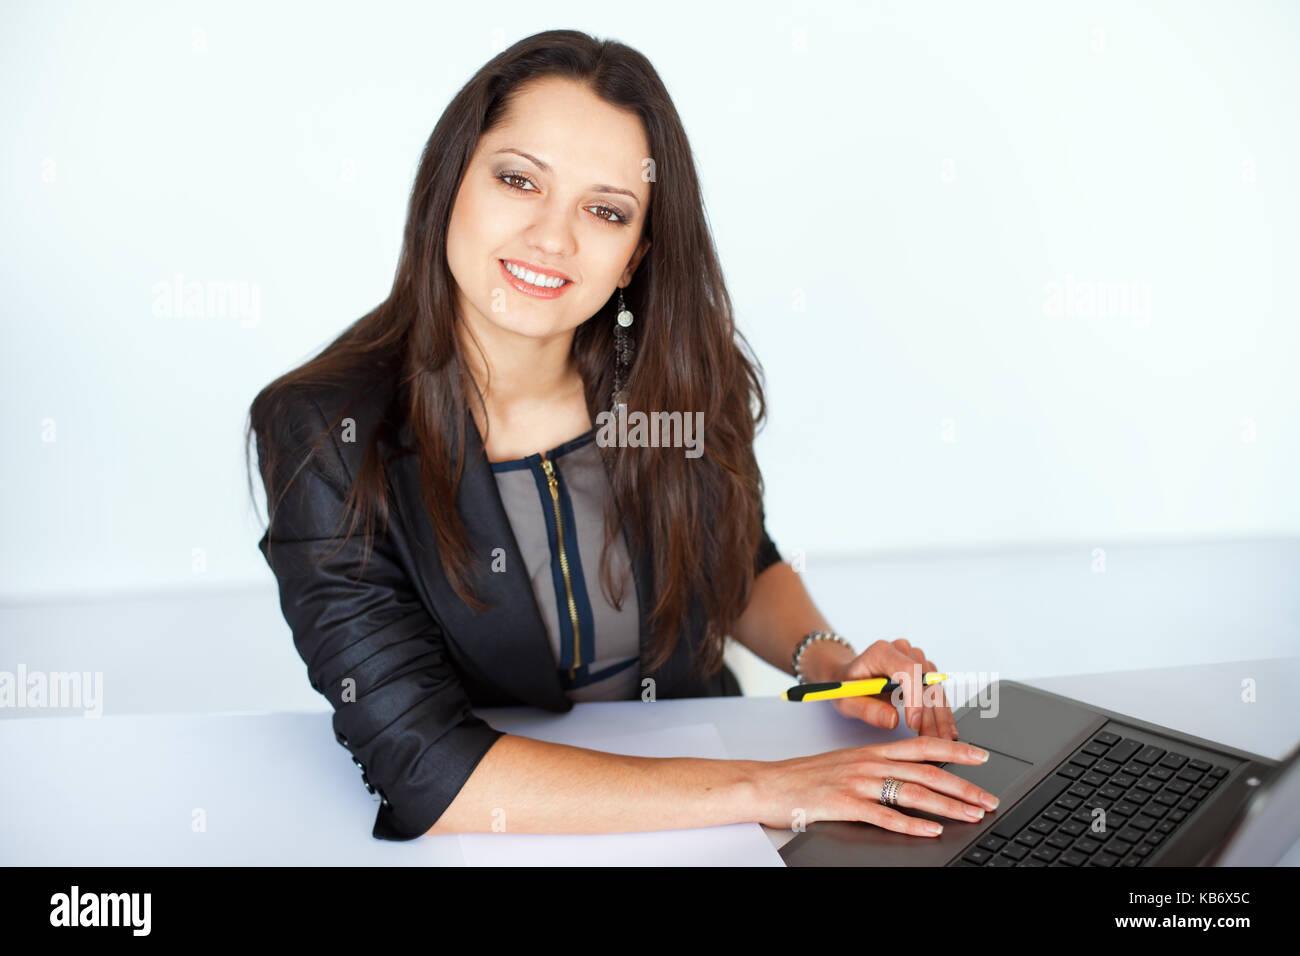 Portrait von schönen Jungen lächelnd brunette business Frau, die an einem Notebook arbeitet im Büro Stockbild